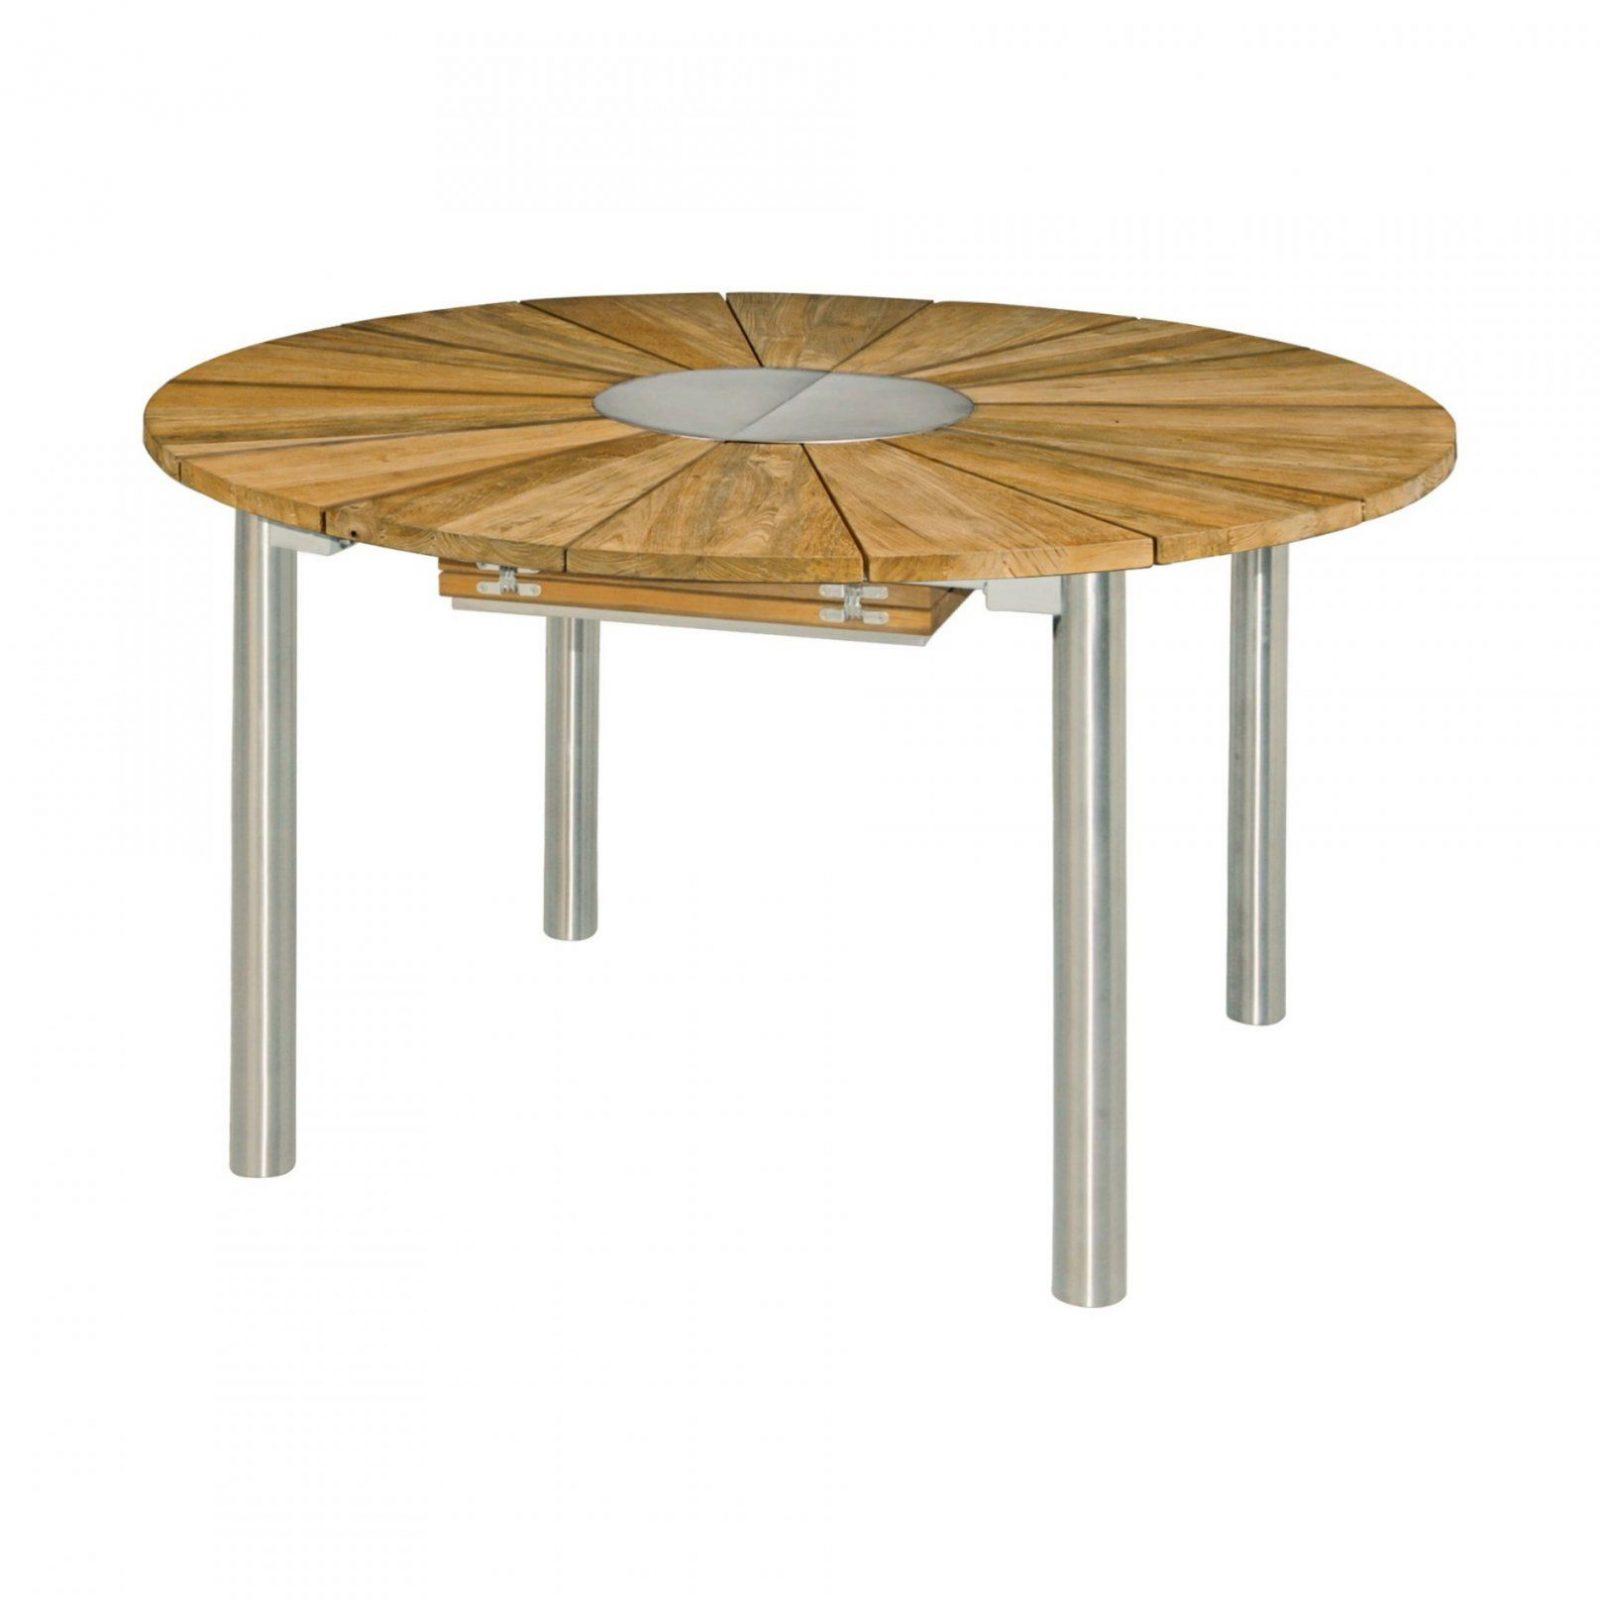 Gartentisch Alu Holz Gartentisch Rund Aluminium Gartentisch Rund